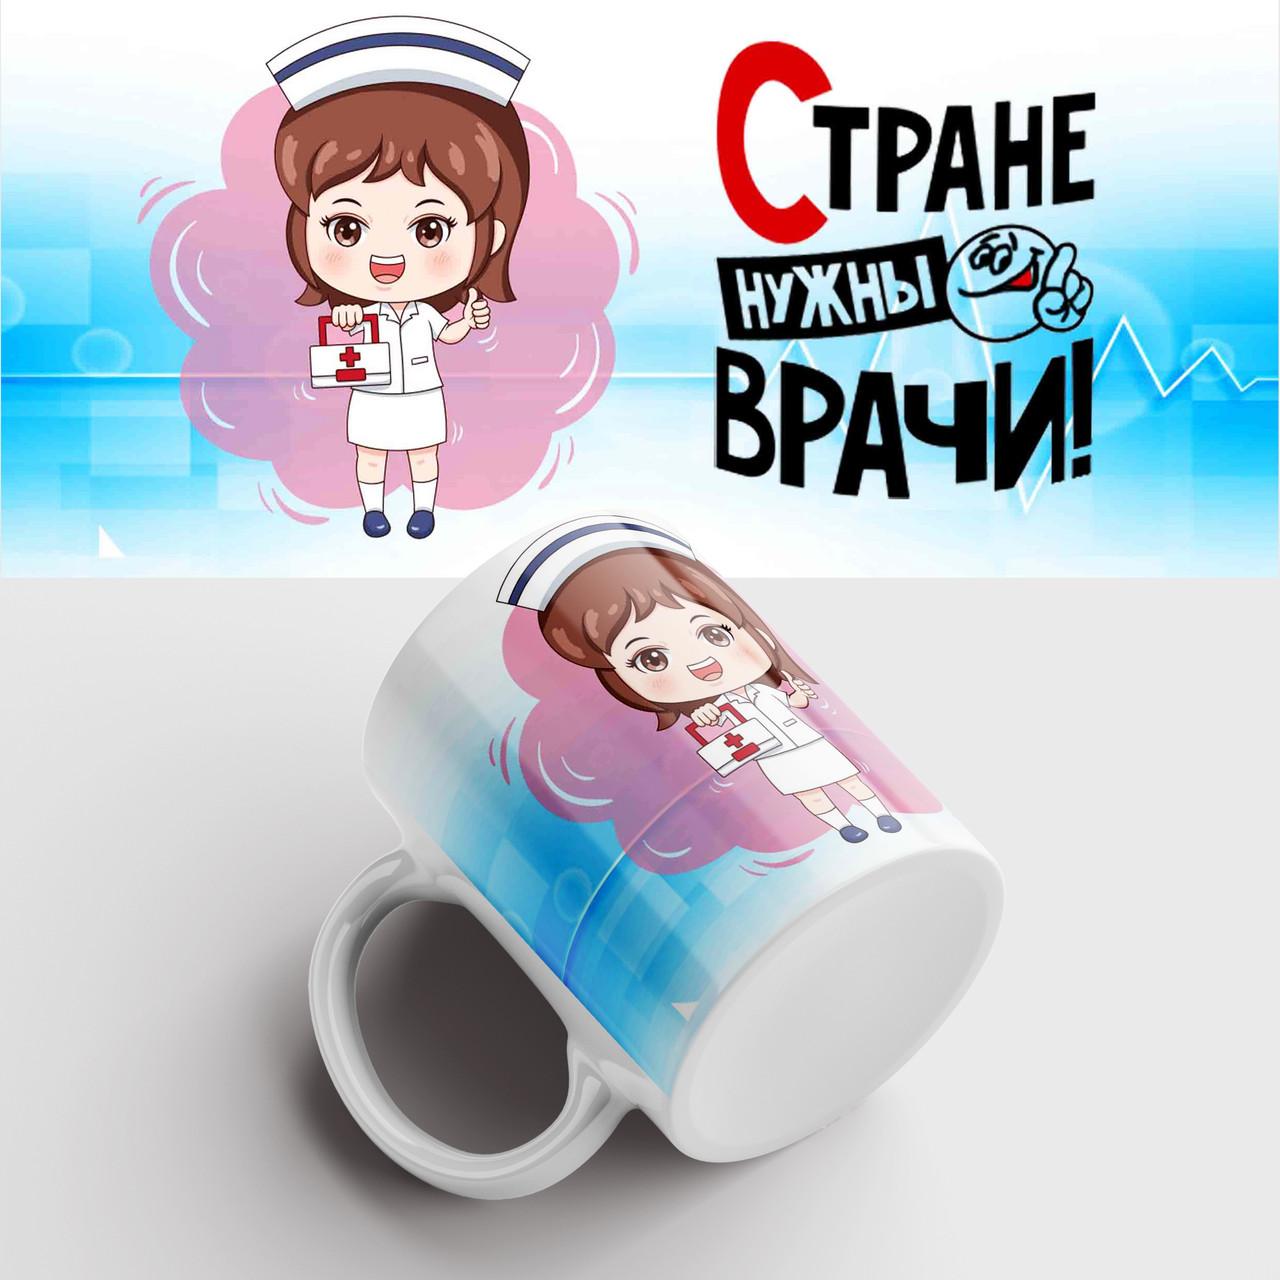 Чашка подарок врачу. Кружка с принтом Стране нужны врачи. Чашка с фото